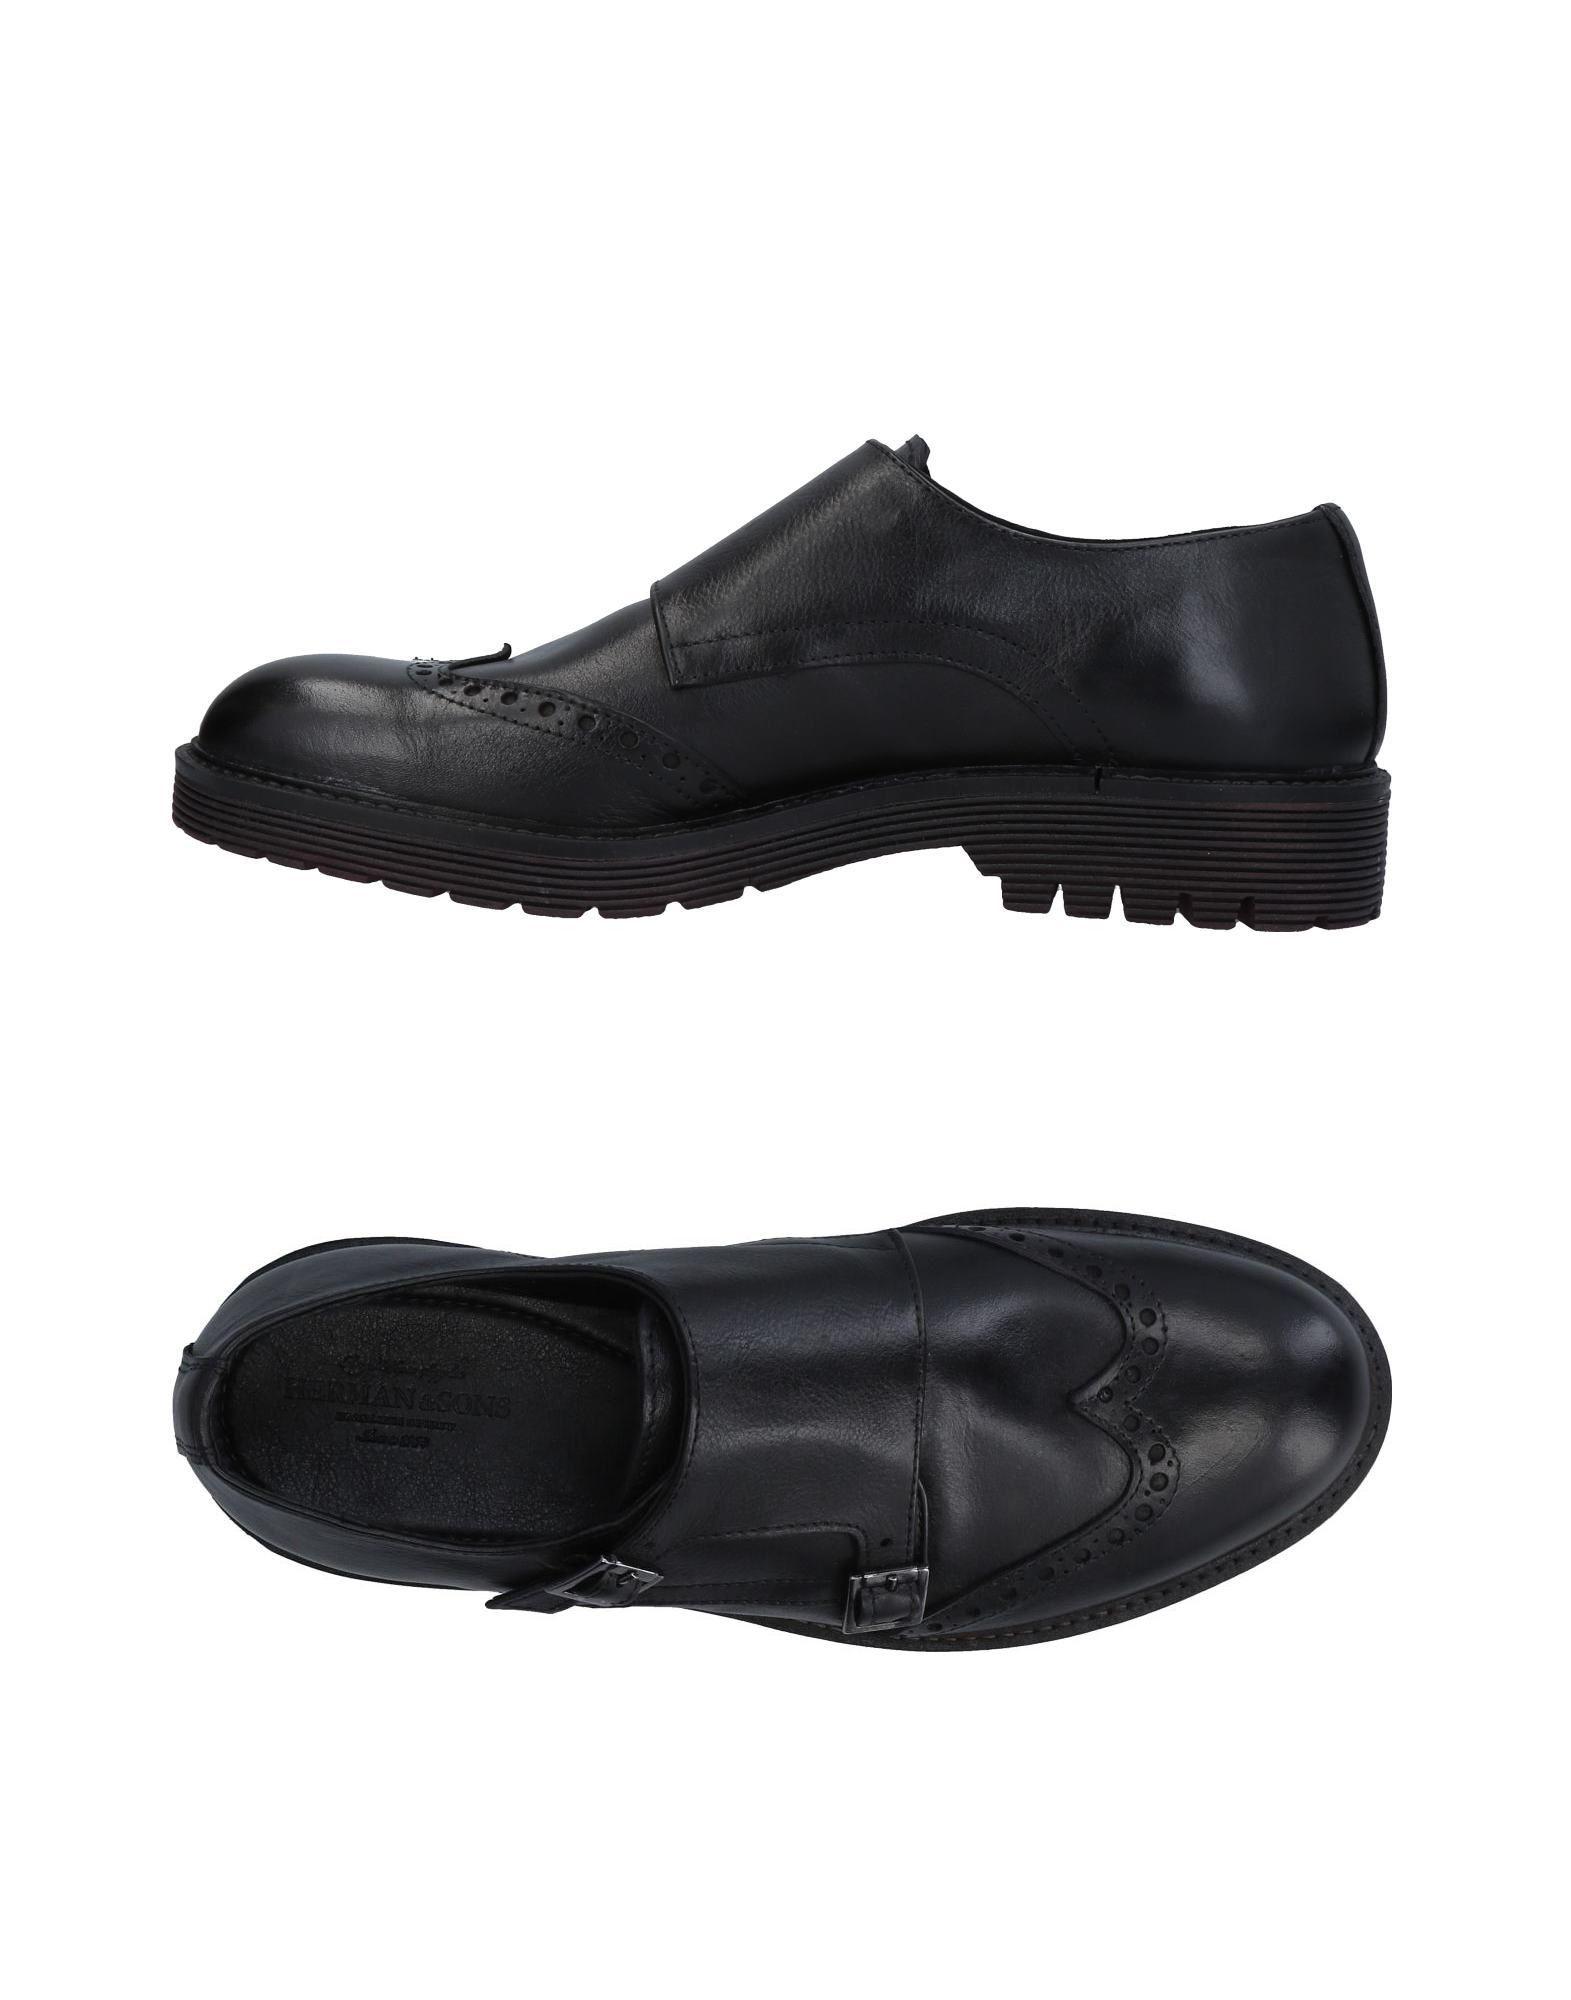 Rabatt Sons echte Schuhe Herman & Sons Rabatt Mokassins Herren  11452824VC 83ca0c